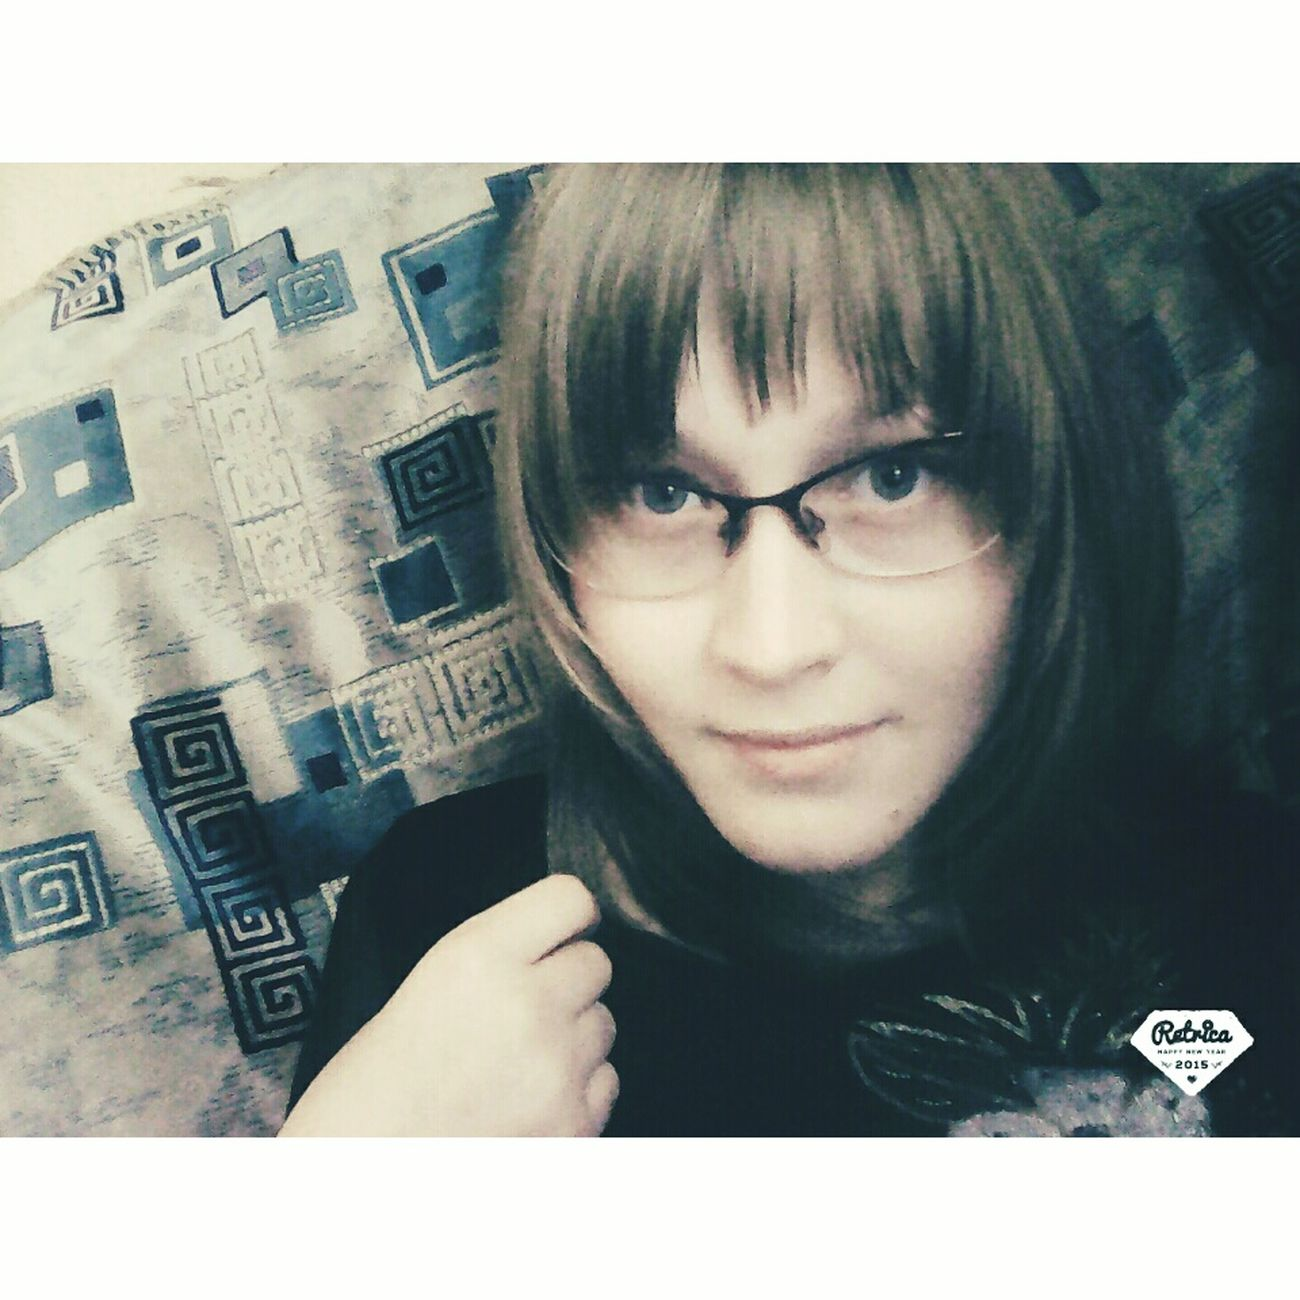 First Eyeem Photo очкарик😂👍 улыбка синие волосы Nocrop👌🙏😀